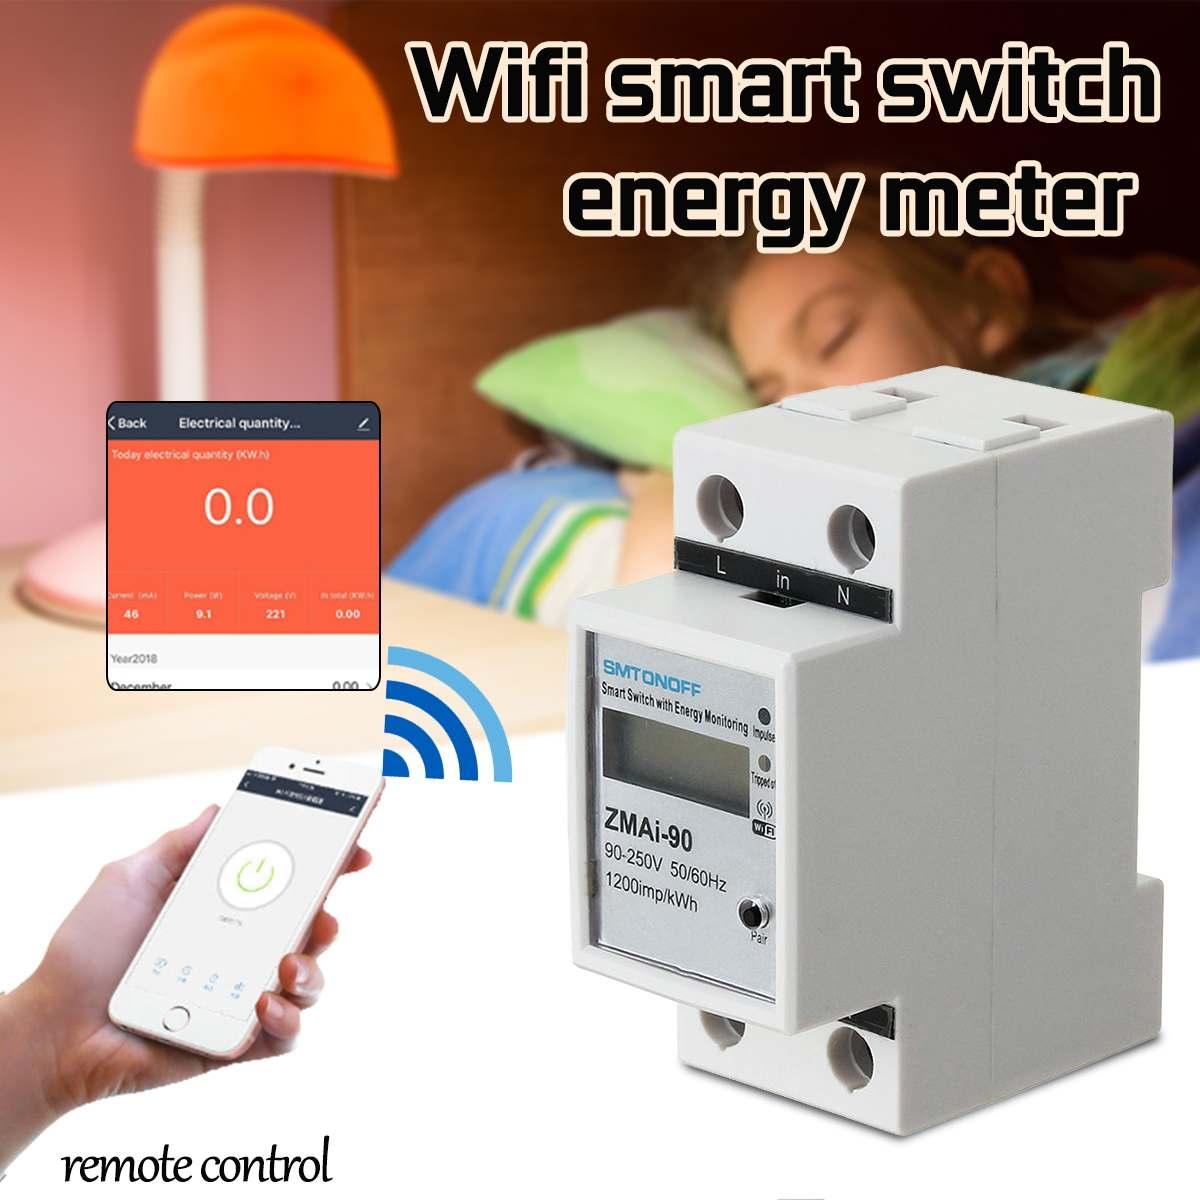 Consommation électrique numérique, écran de commande à interrupteur numérique en Rail, kWh, mètre électrique WiFi, moniteur de commande 220V